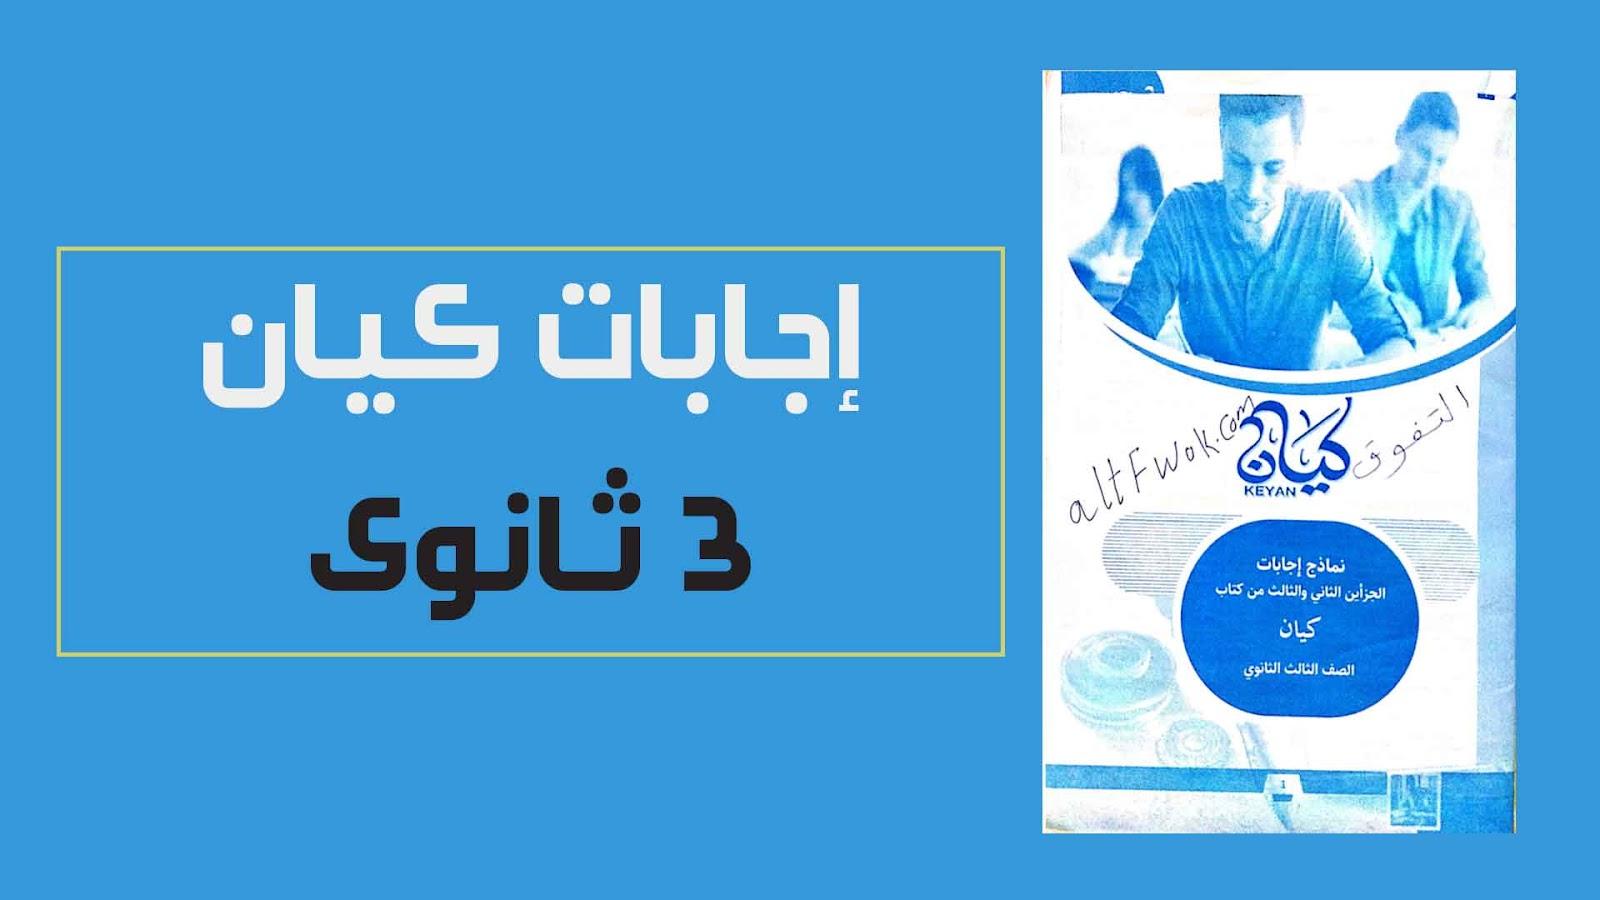 اجابات كتاب كيان فى اللغة العربية للصف الثالث الثانوى 2022 (اجابة الجزء الثانى والثالث)